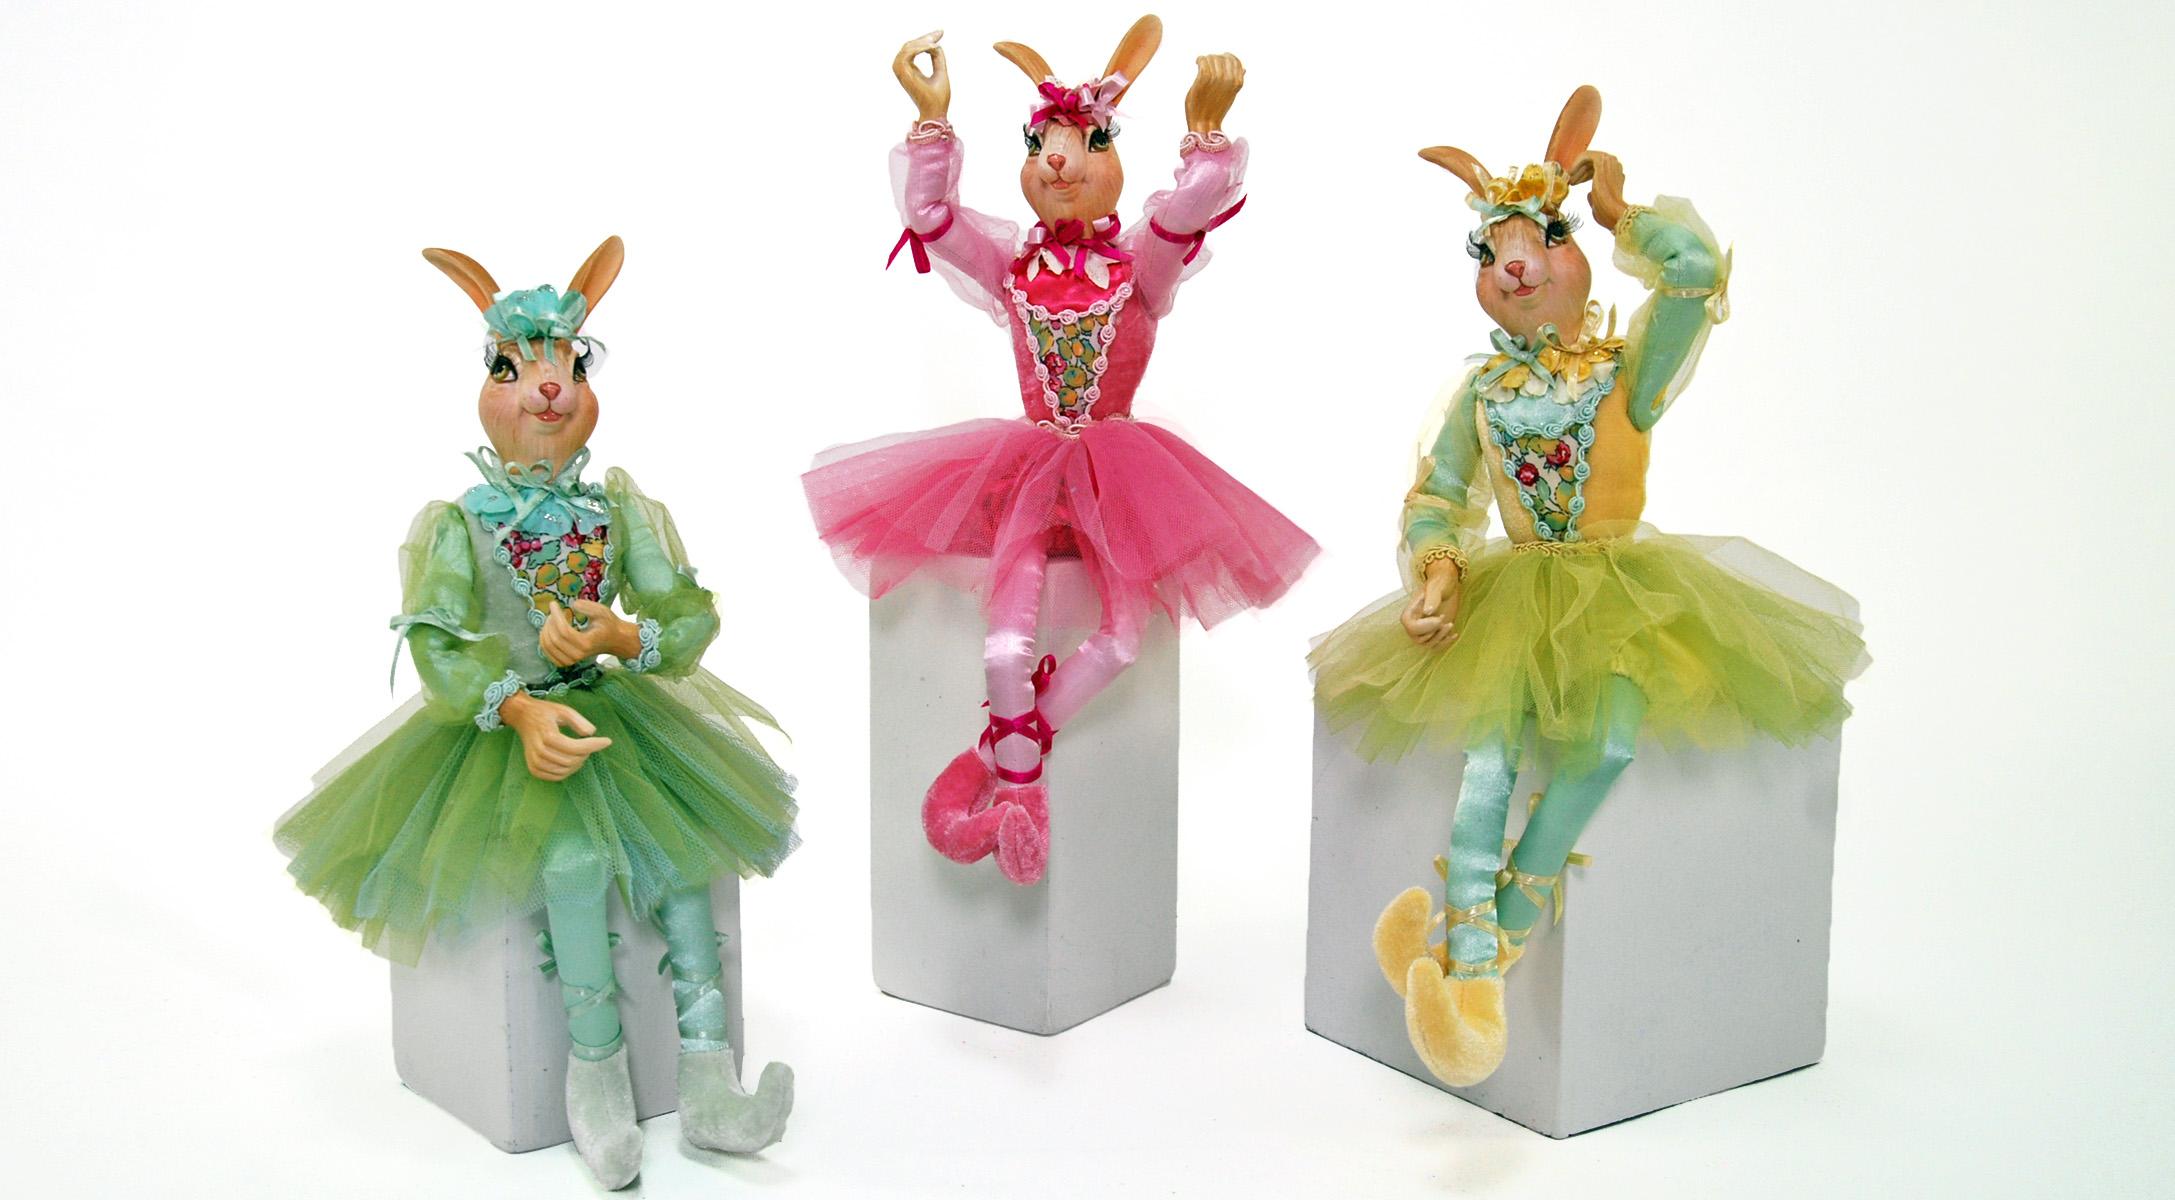 Natalia/Giselle/Allegra 15 Inch Rabbits - Assortment Of 3  11-540193